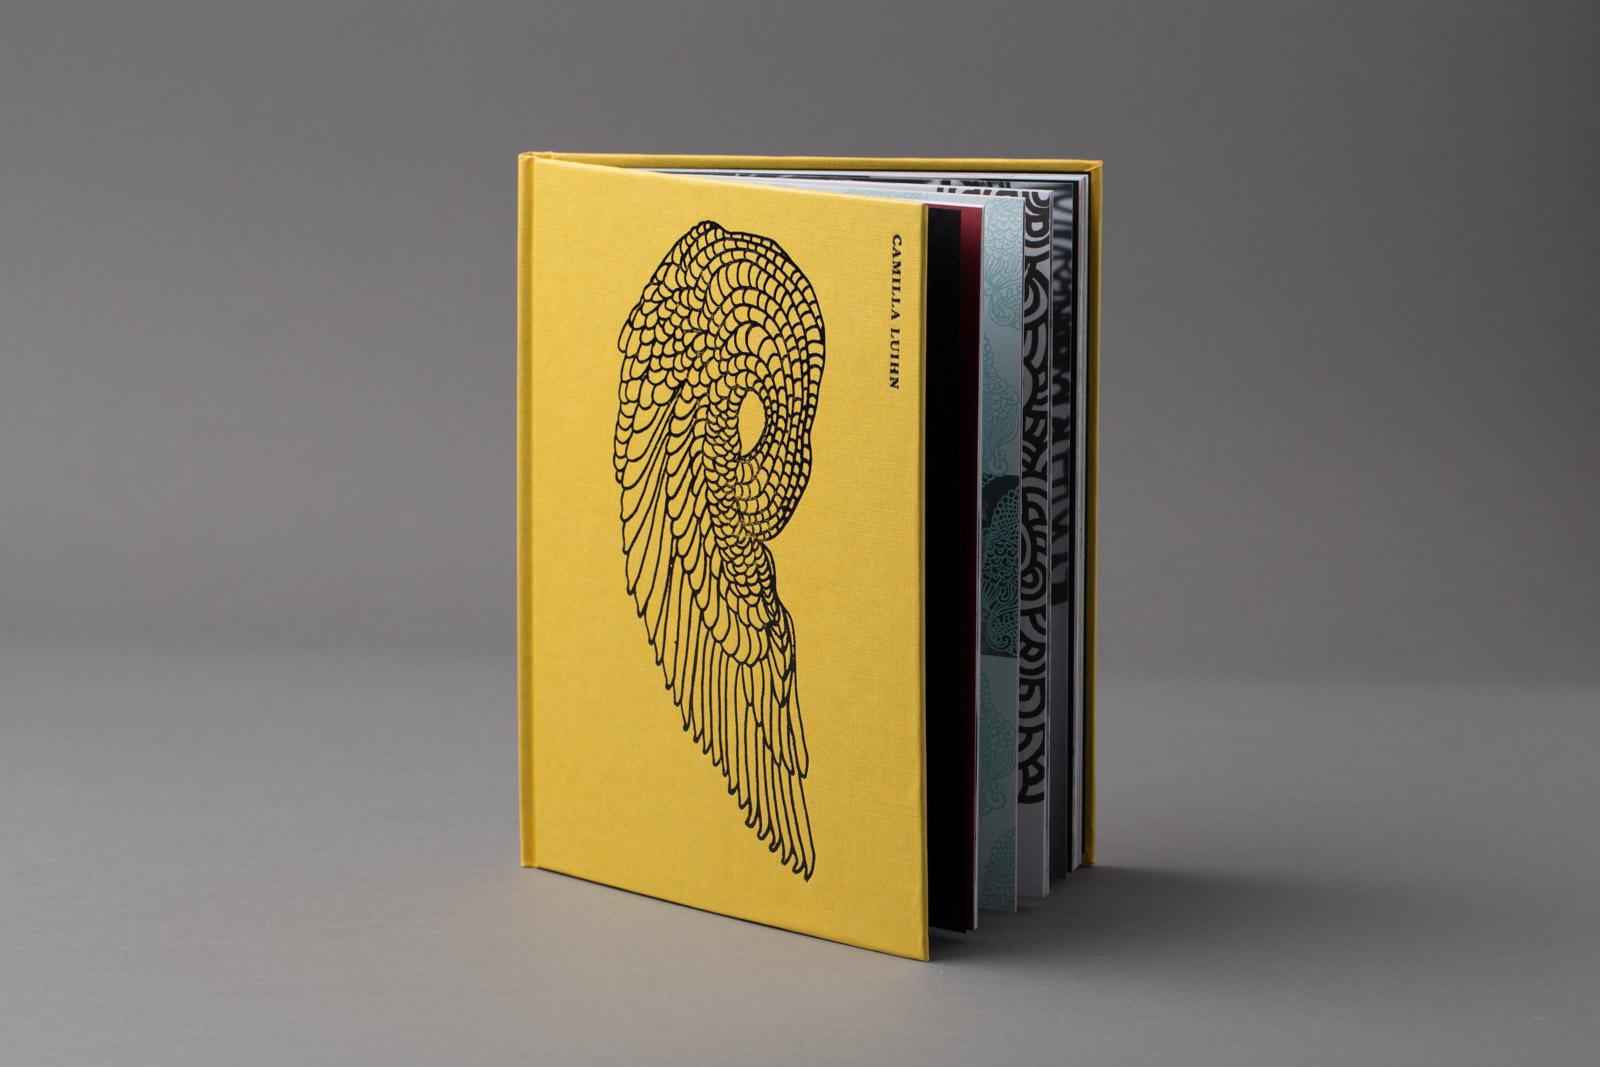 Hardcover bok med kunsttrykk